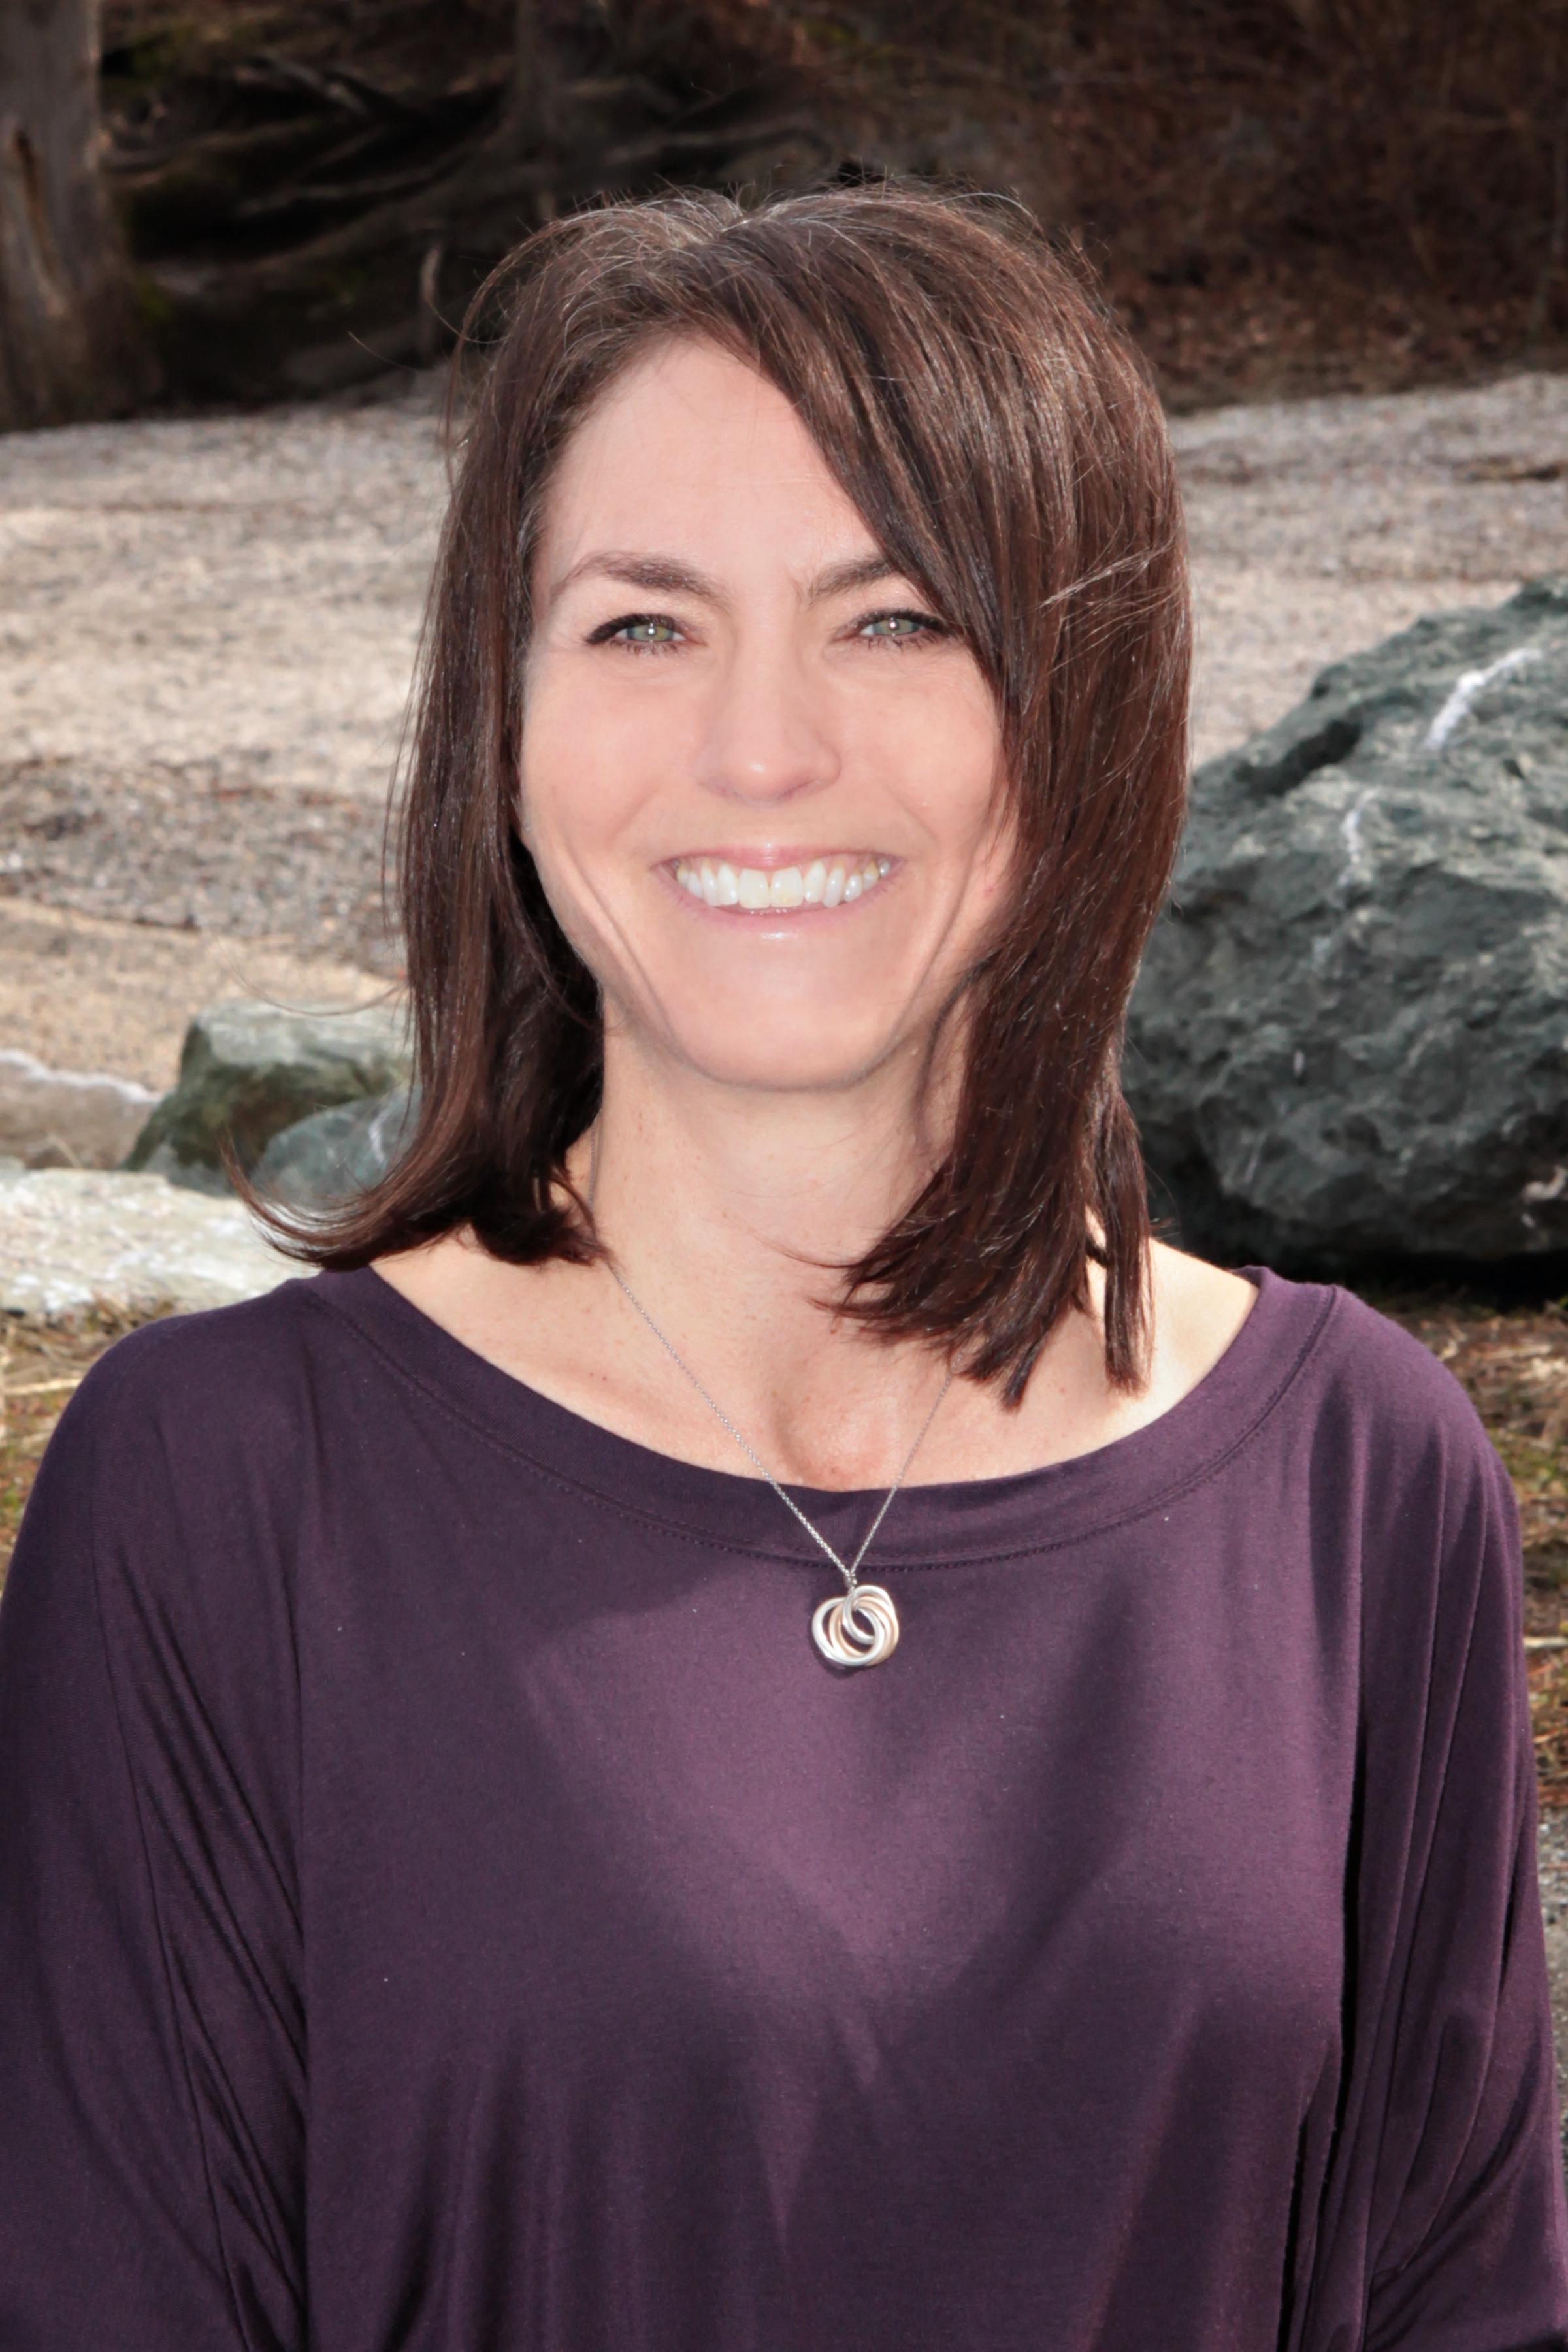 Angela Beaupain in front of rocks wearing a purple shirt